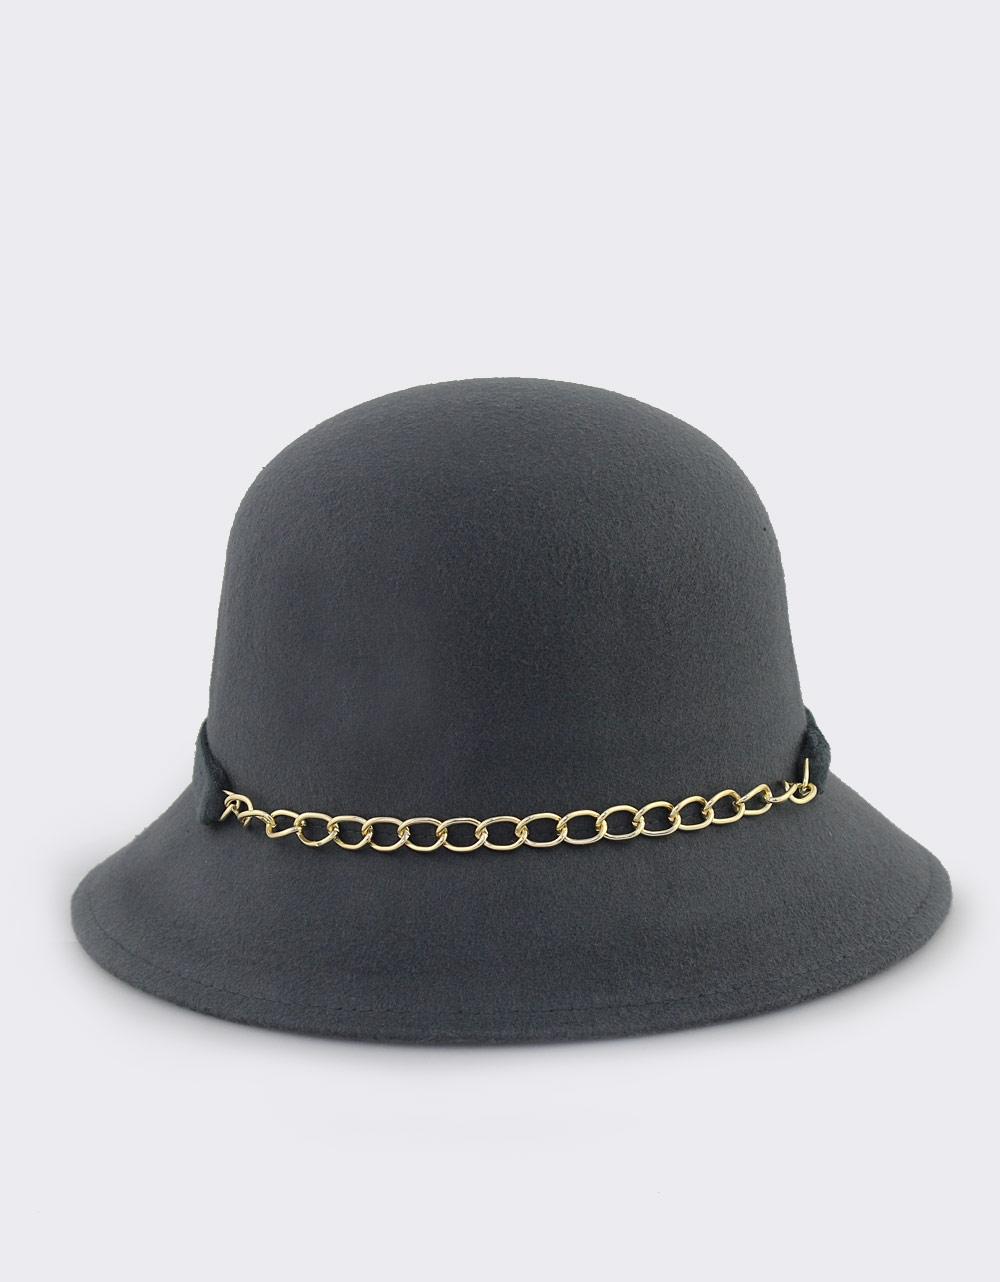 Εικόνα από Γυναικεία καπέλα με αλυσίδα και φιόγκο Γκρι